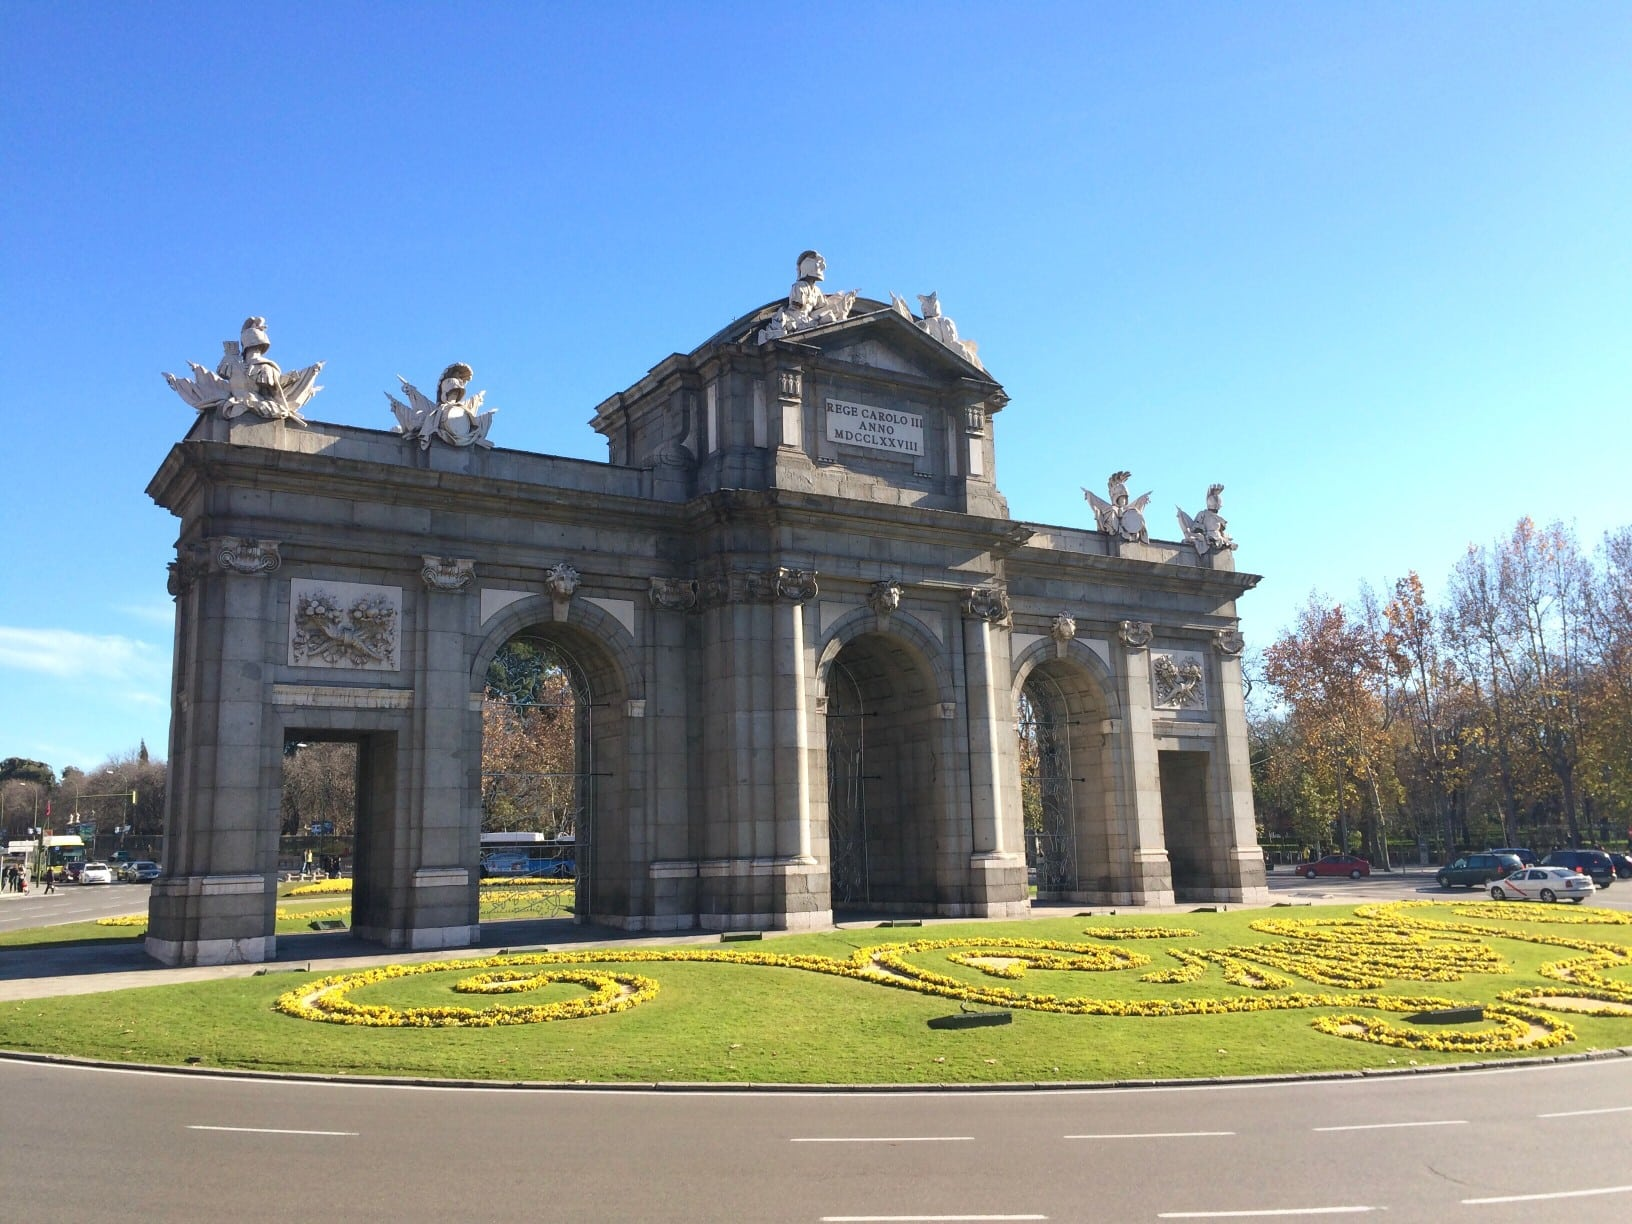 La puerta de Alcalá en Madrid - pide tu transfer